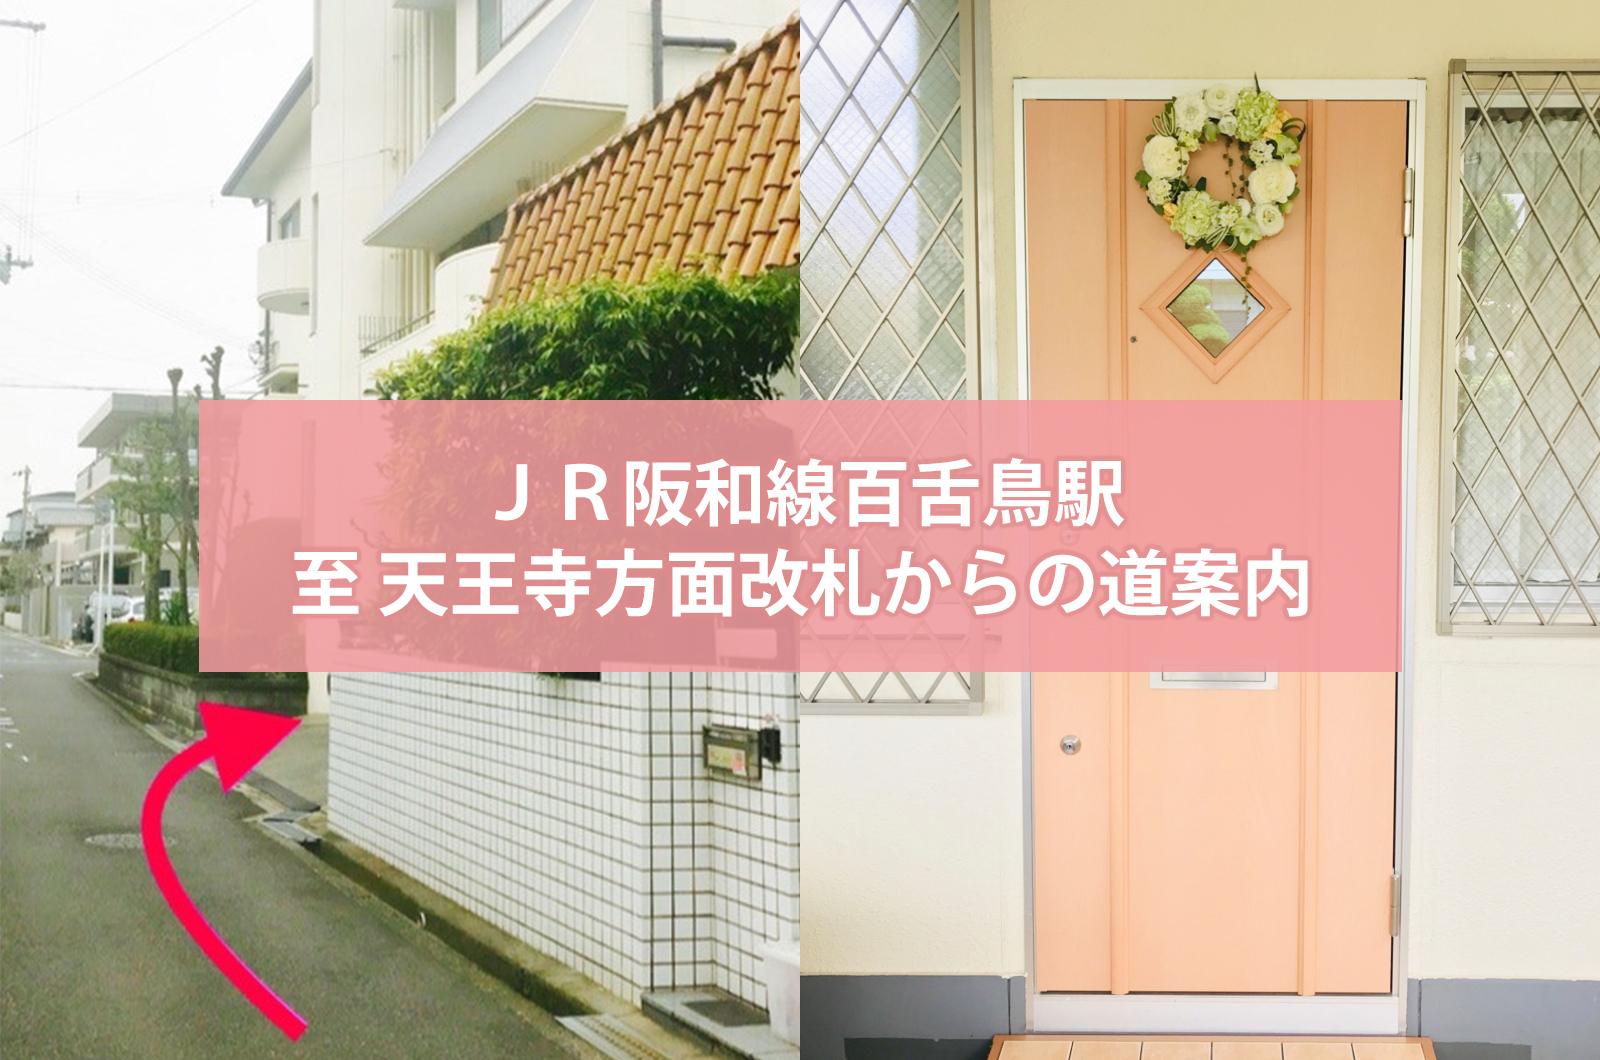 JR百舌鳥駅 天王寺方面改札からの道案内